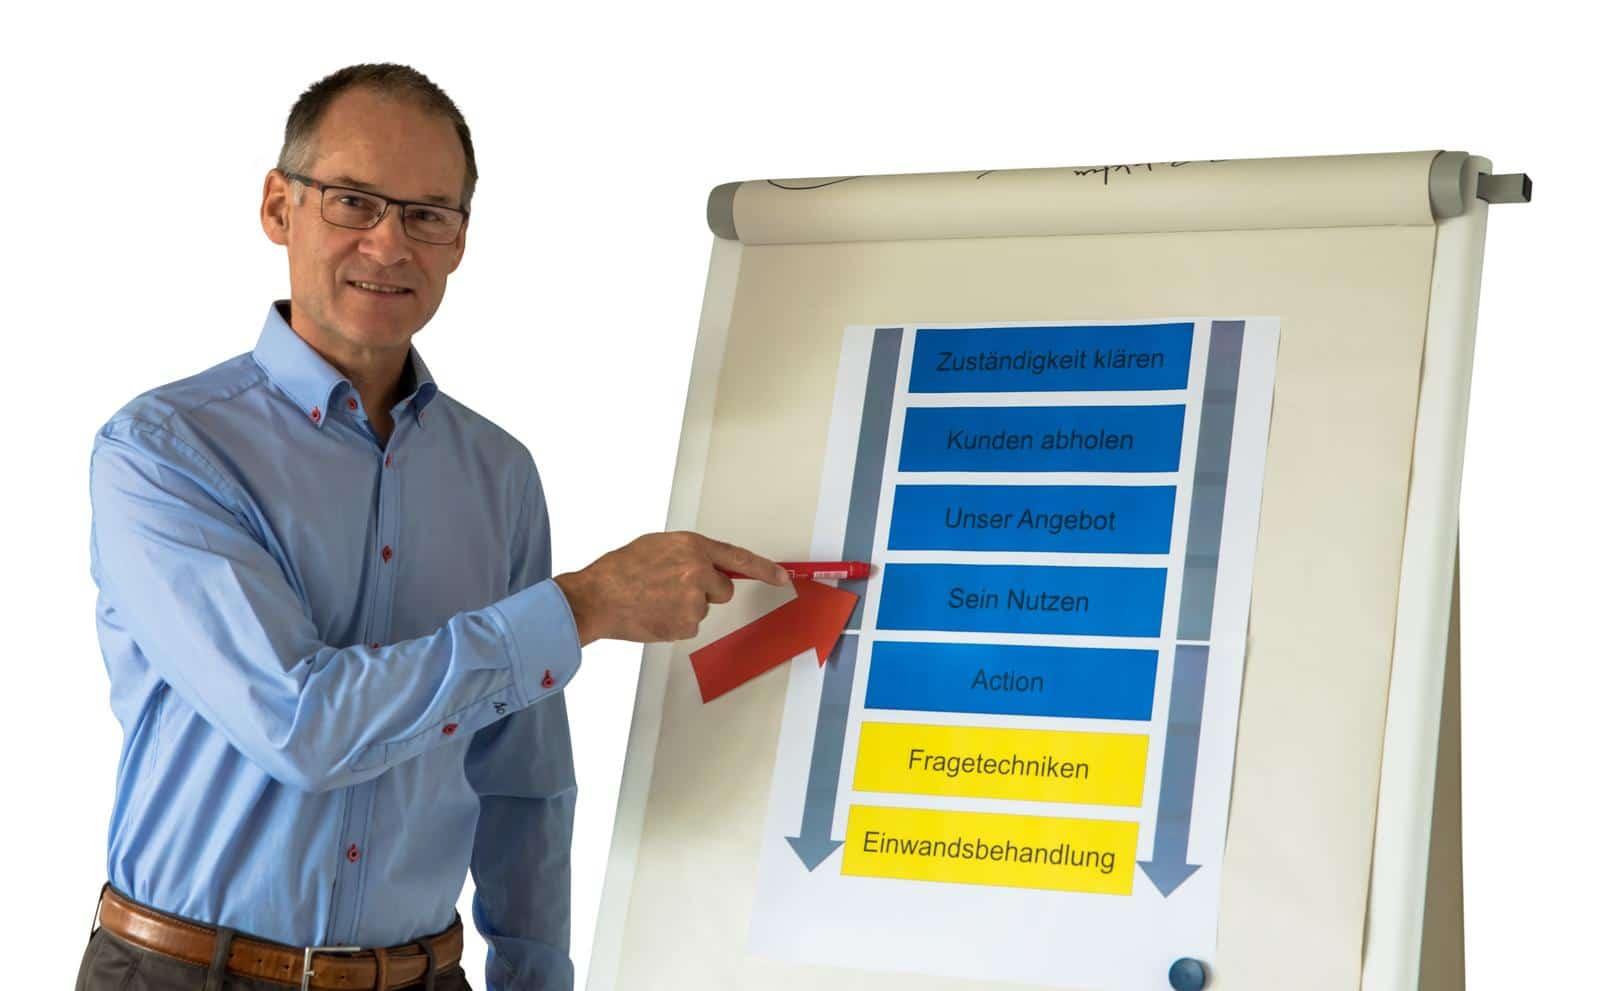 Business Mann steht neben einer Tafel und zeigt auf abgebildeten Text